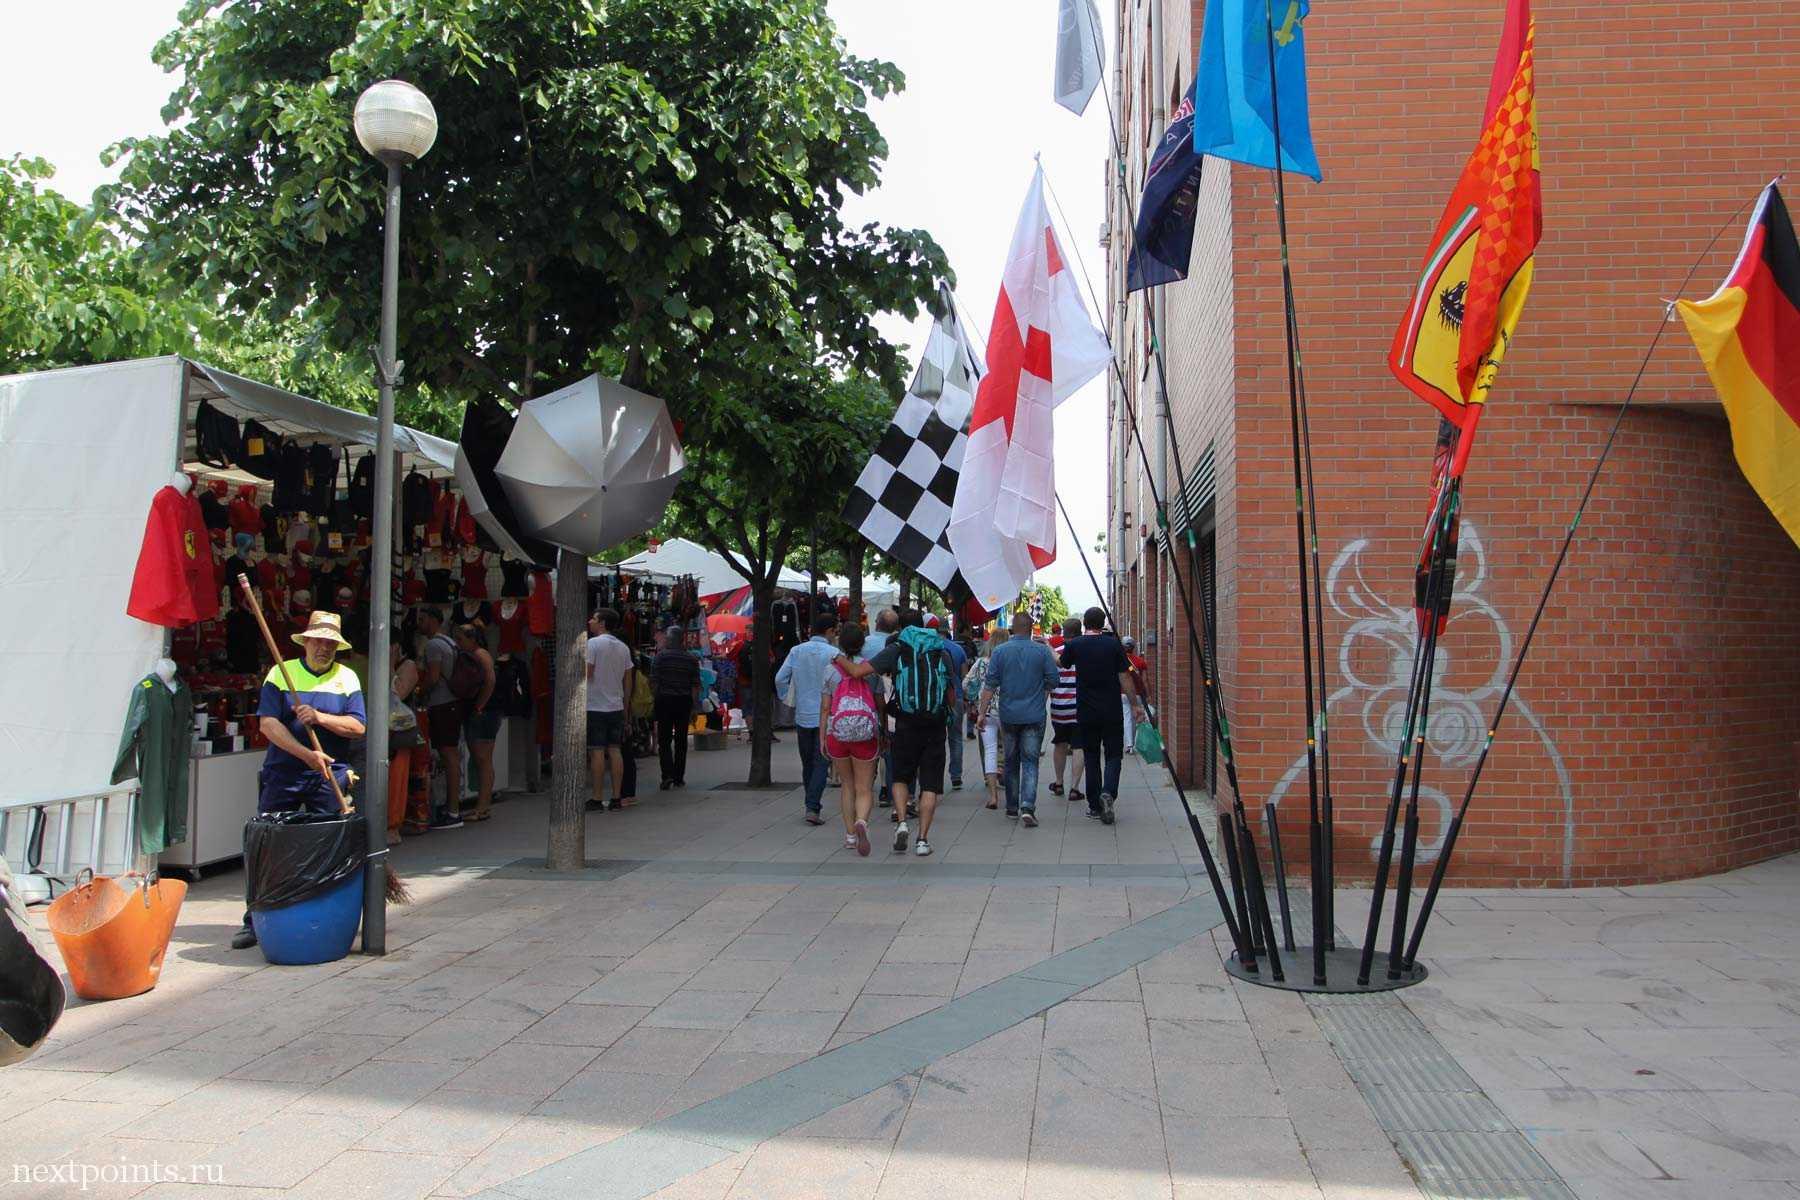 Городок Монмело (Montmelo) в дни Формулы 1 в Испании